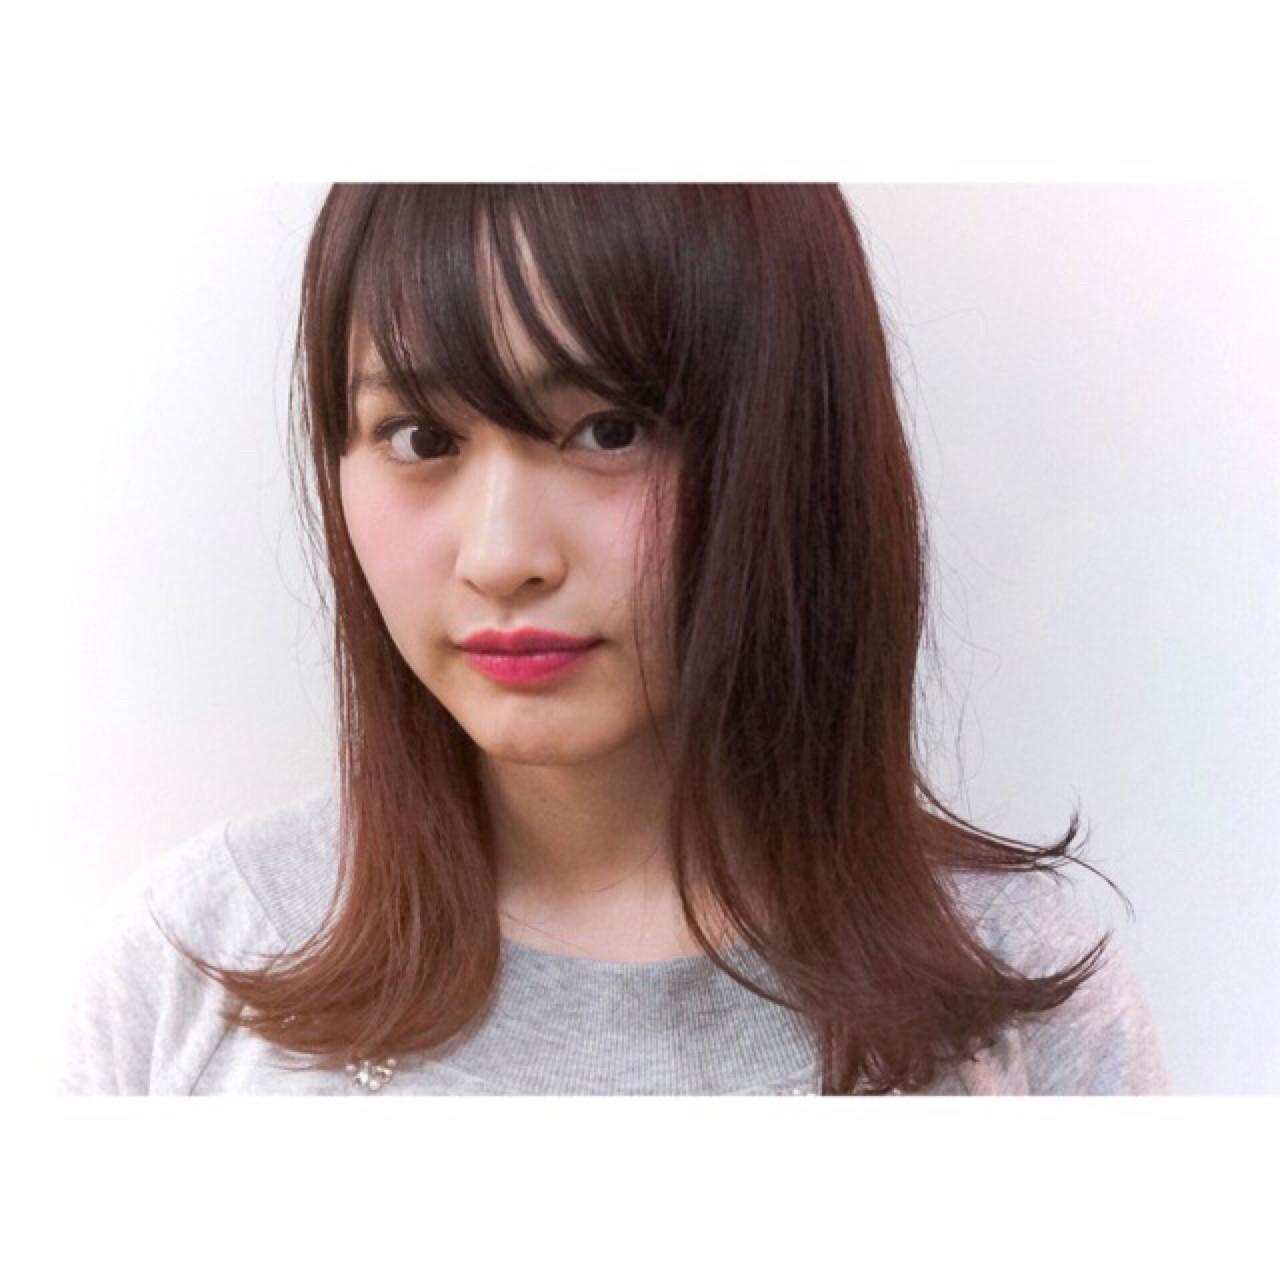 切りっぱなし 前髪あり ピンク ガーリー ヘアスタイルや髪型の写真・画像